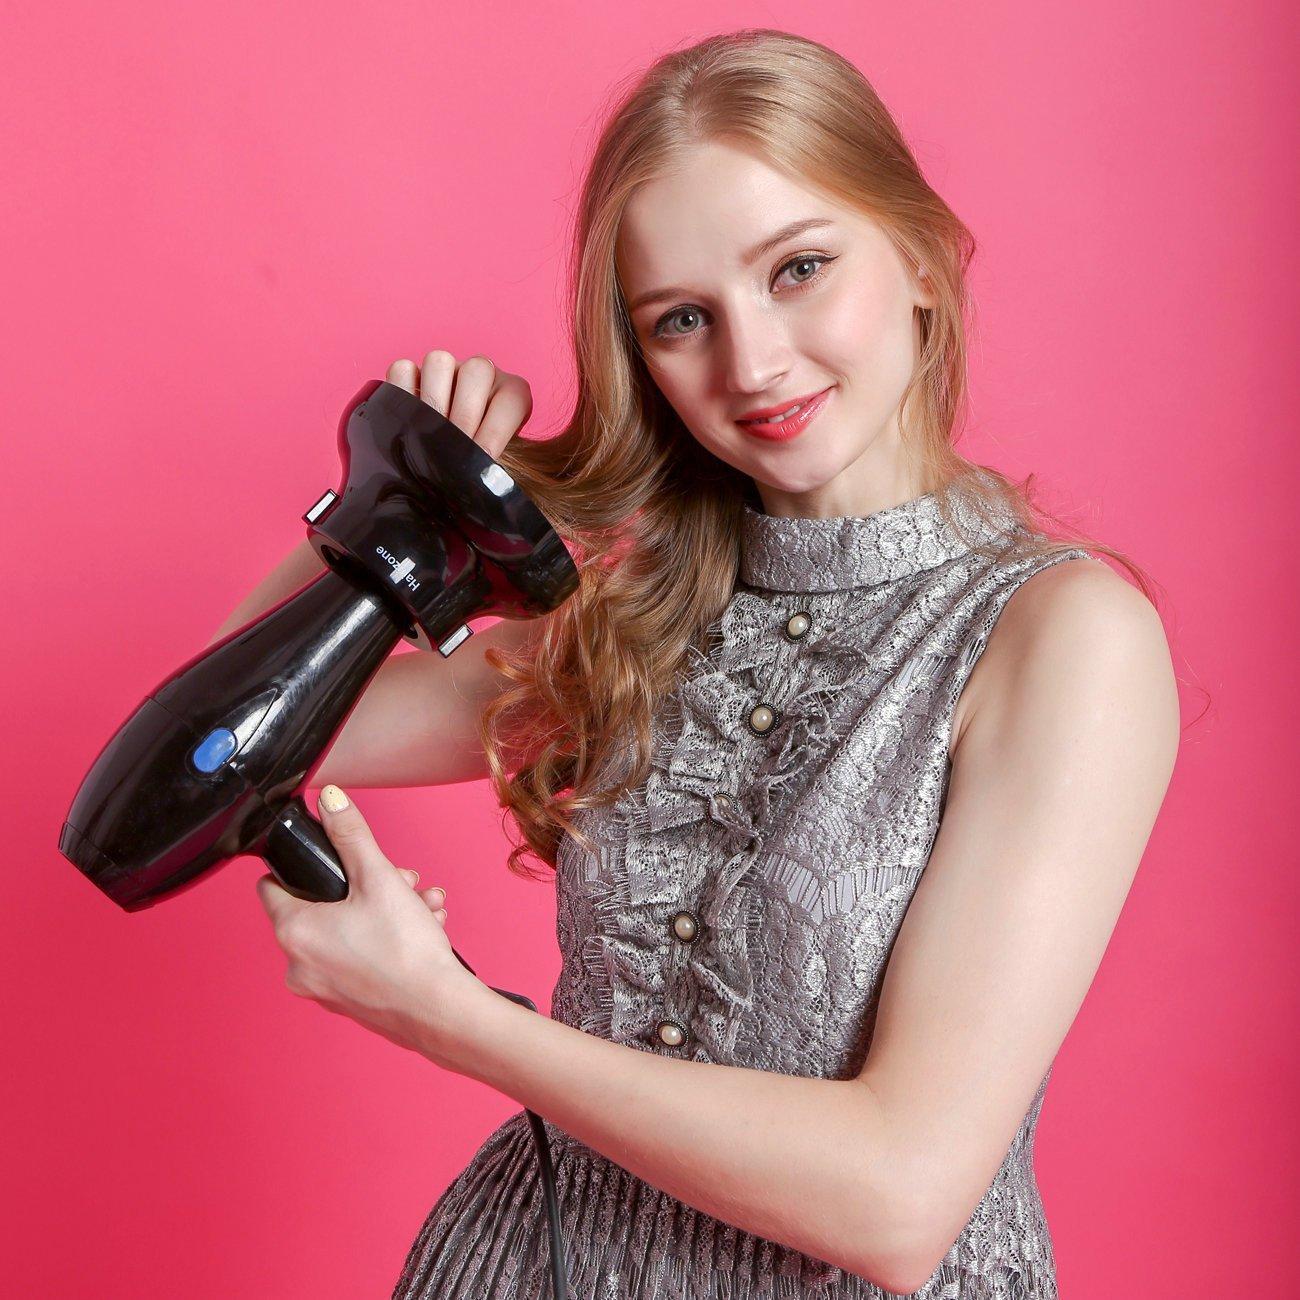 Hairizone difusor Universal para secadores de pelo con boquilla de diámetro 4,3-6,6 cm, para pelo rizado u ondulado, seca y gana el máximo volumen sin ...